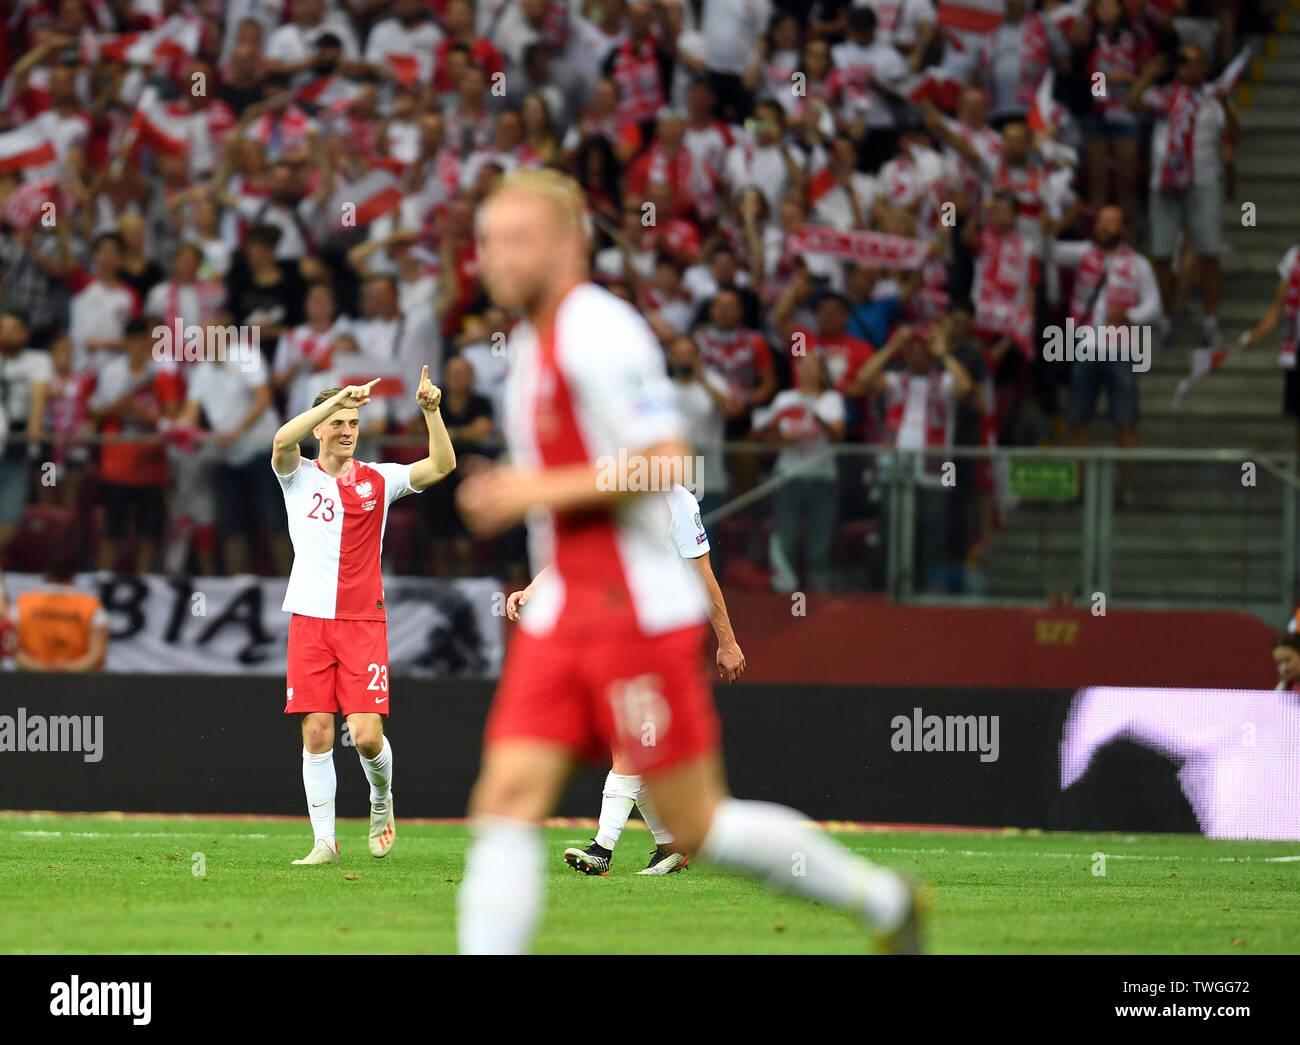 Warsaw, Poland, June 10, 2019: EURO 2020 qualifing round, group stage, Poland wins 4:0 with Izarel on PGE Narodowy. Krzysztof Piatek (Poland) celebrates his goal - Stock Image